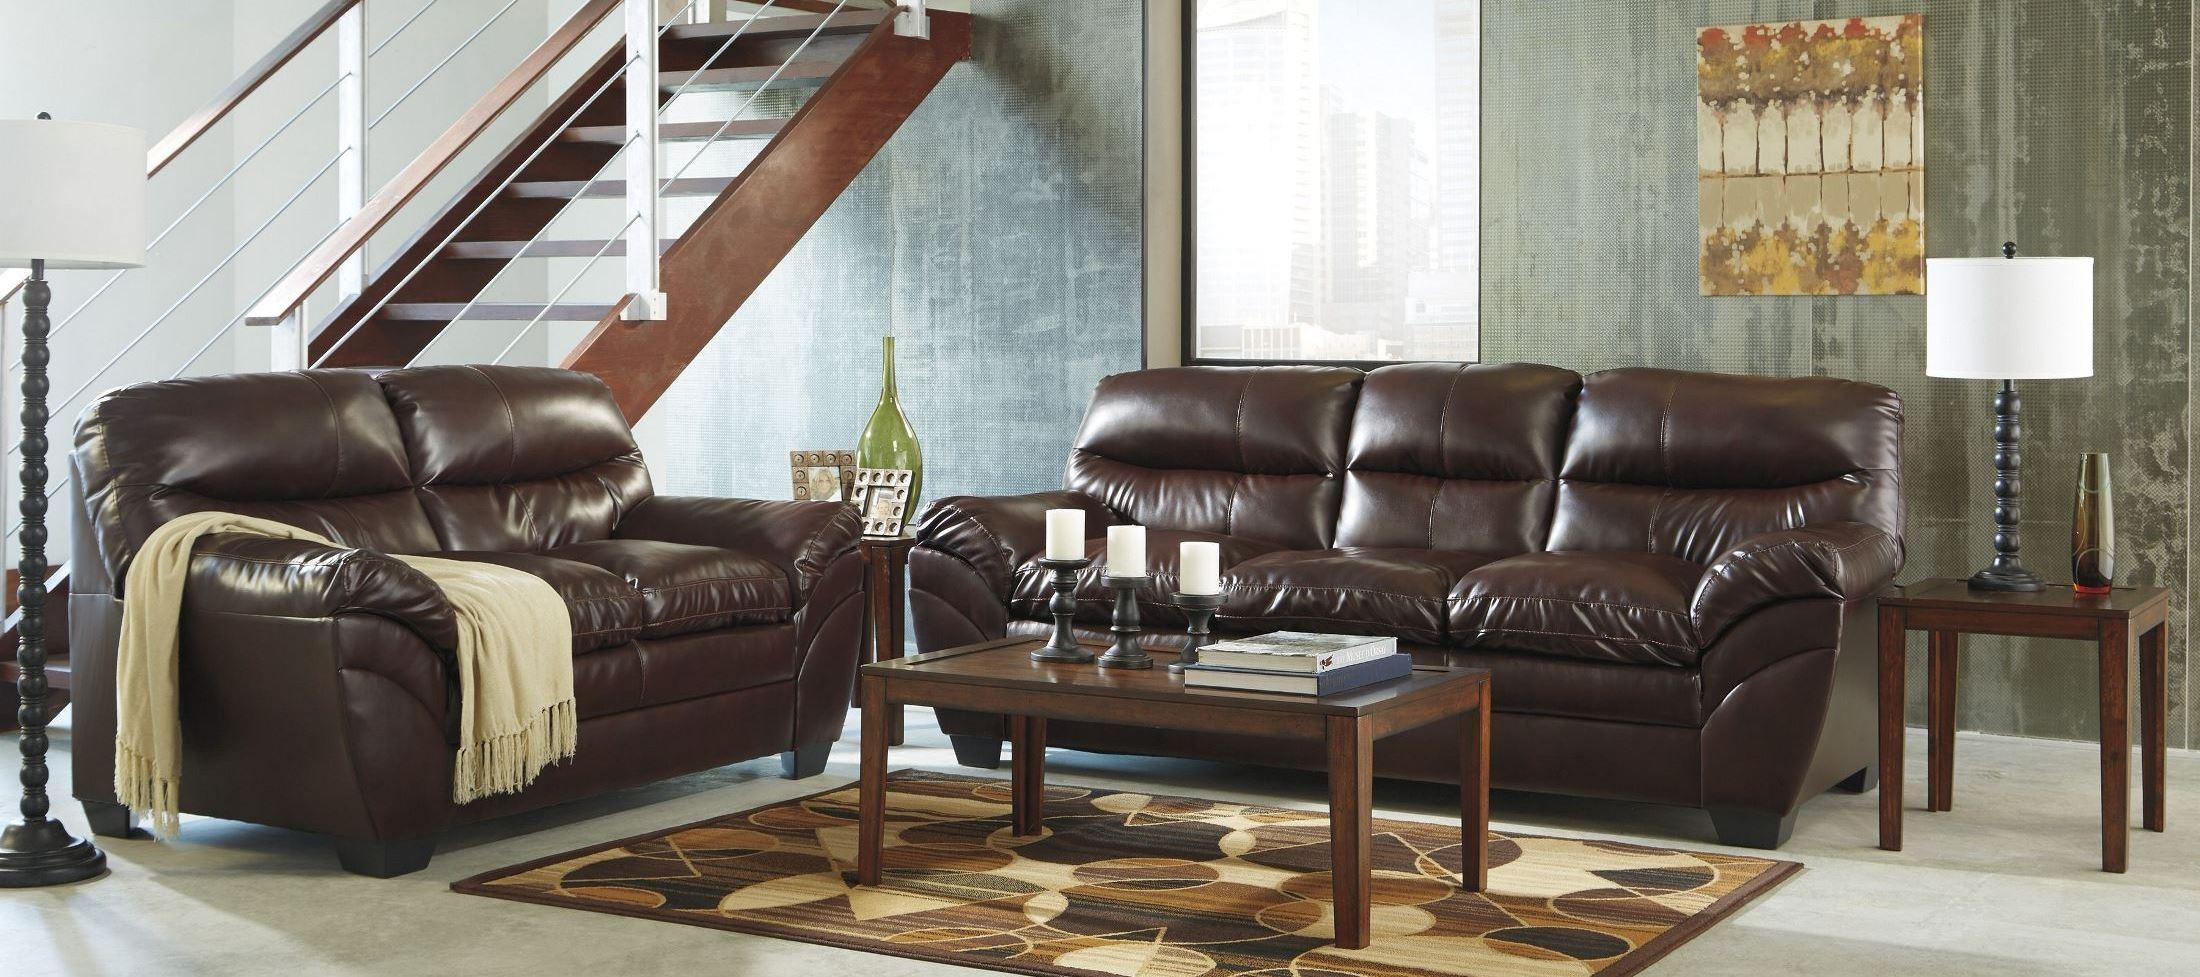 Tassler Durablend Mahogany Living Room Set From Ashley